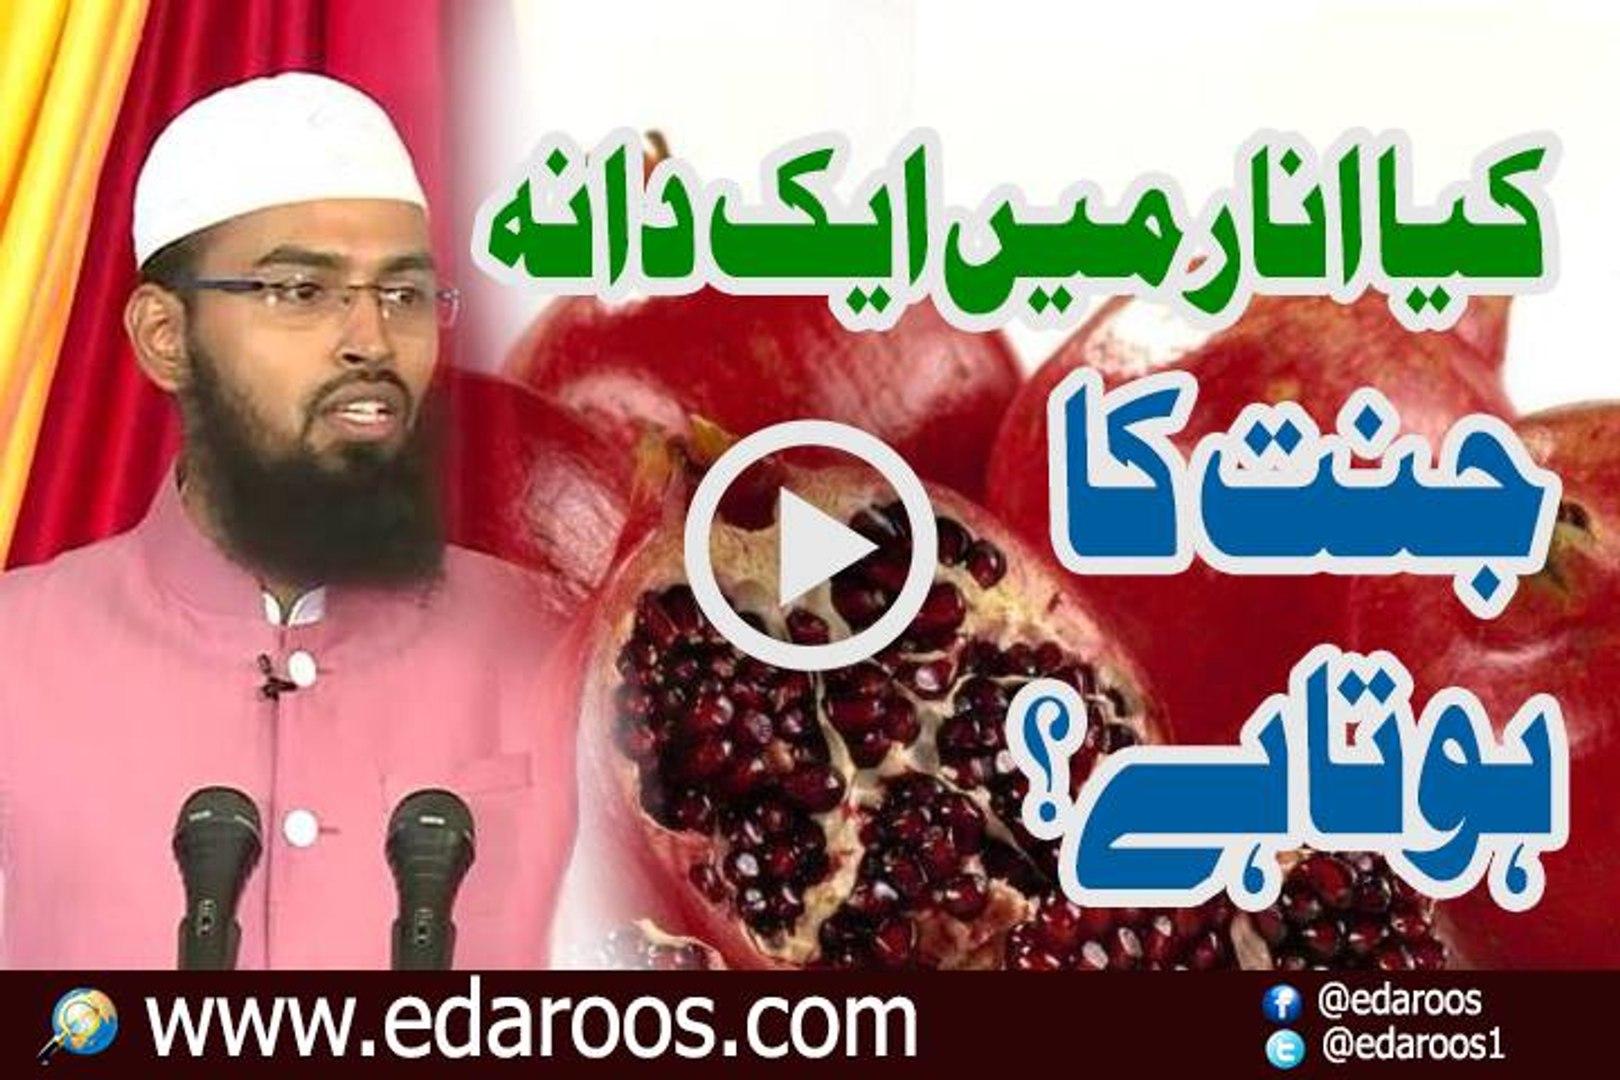 Kya Anaar Main Ek Dana Jannat Ka Hota Hai By Faiz Syed